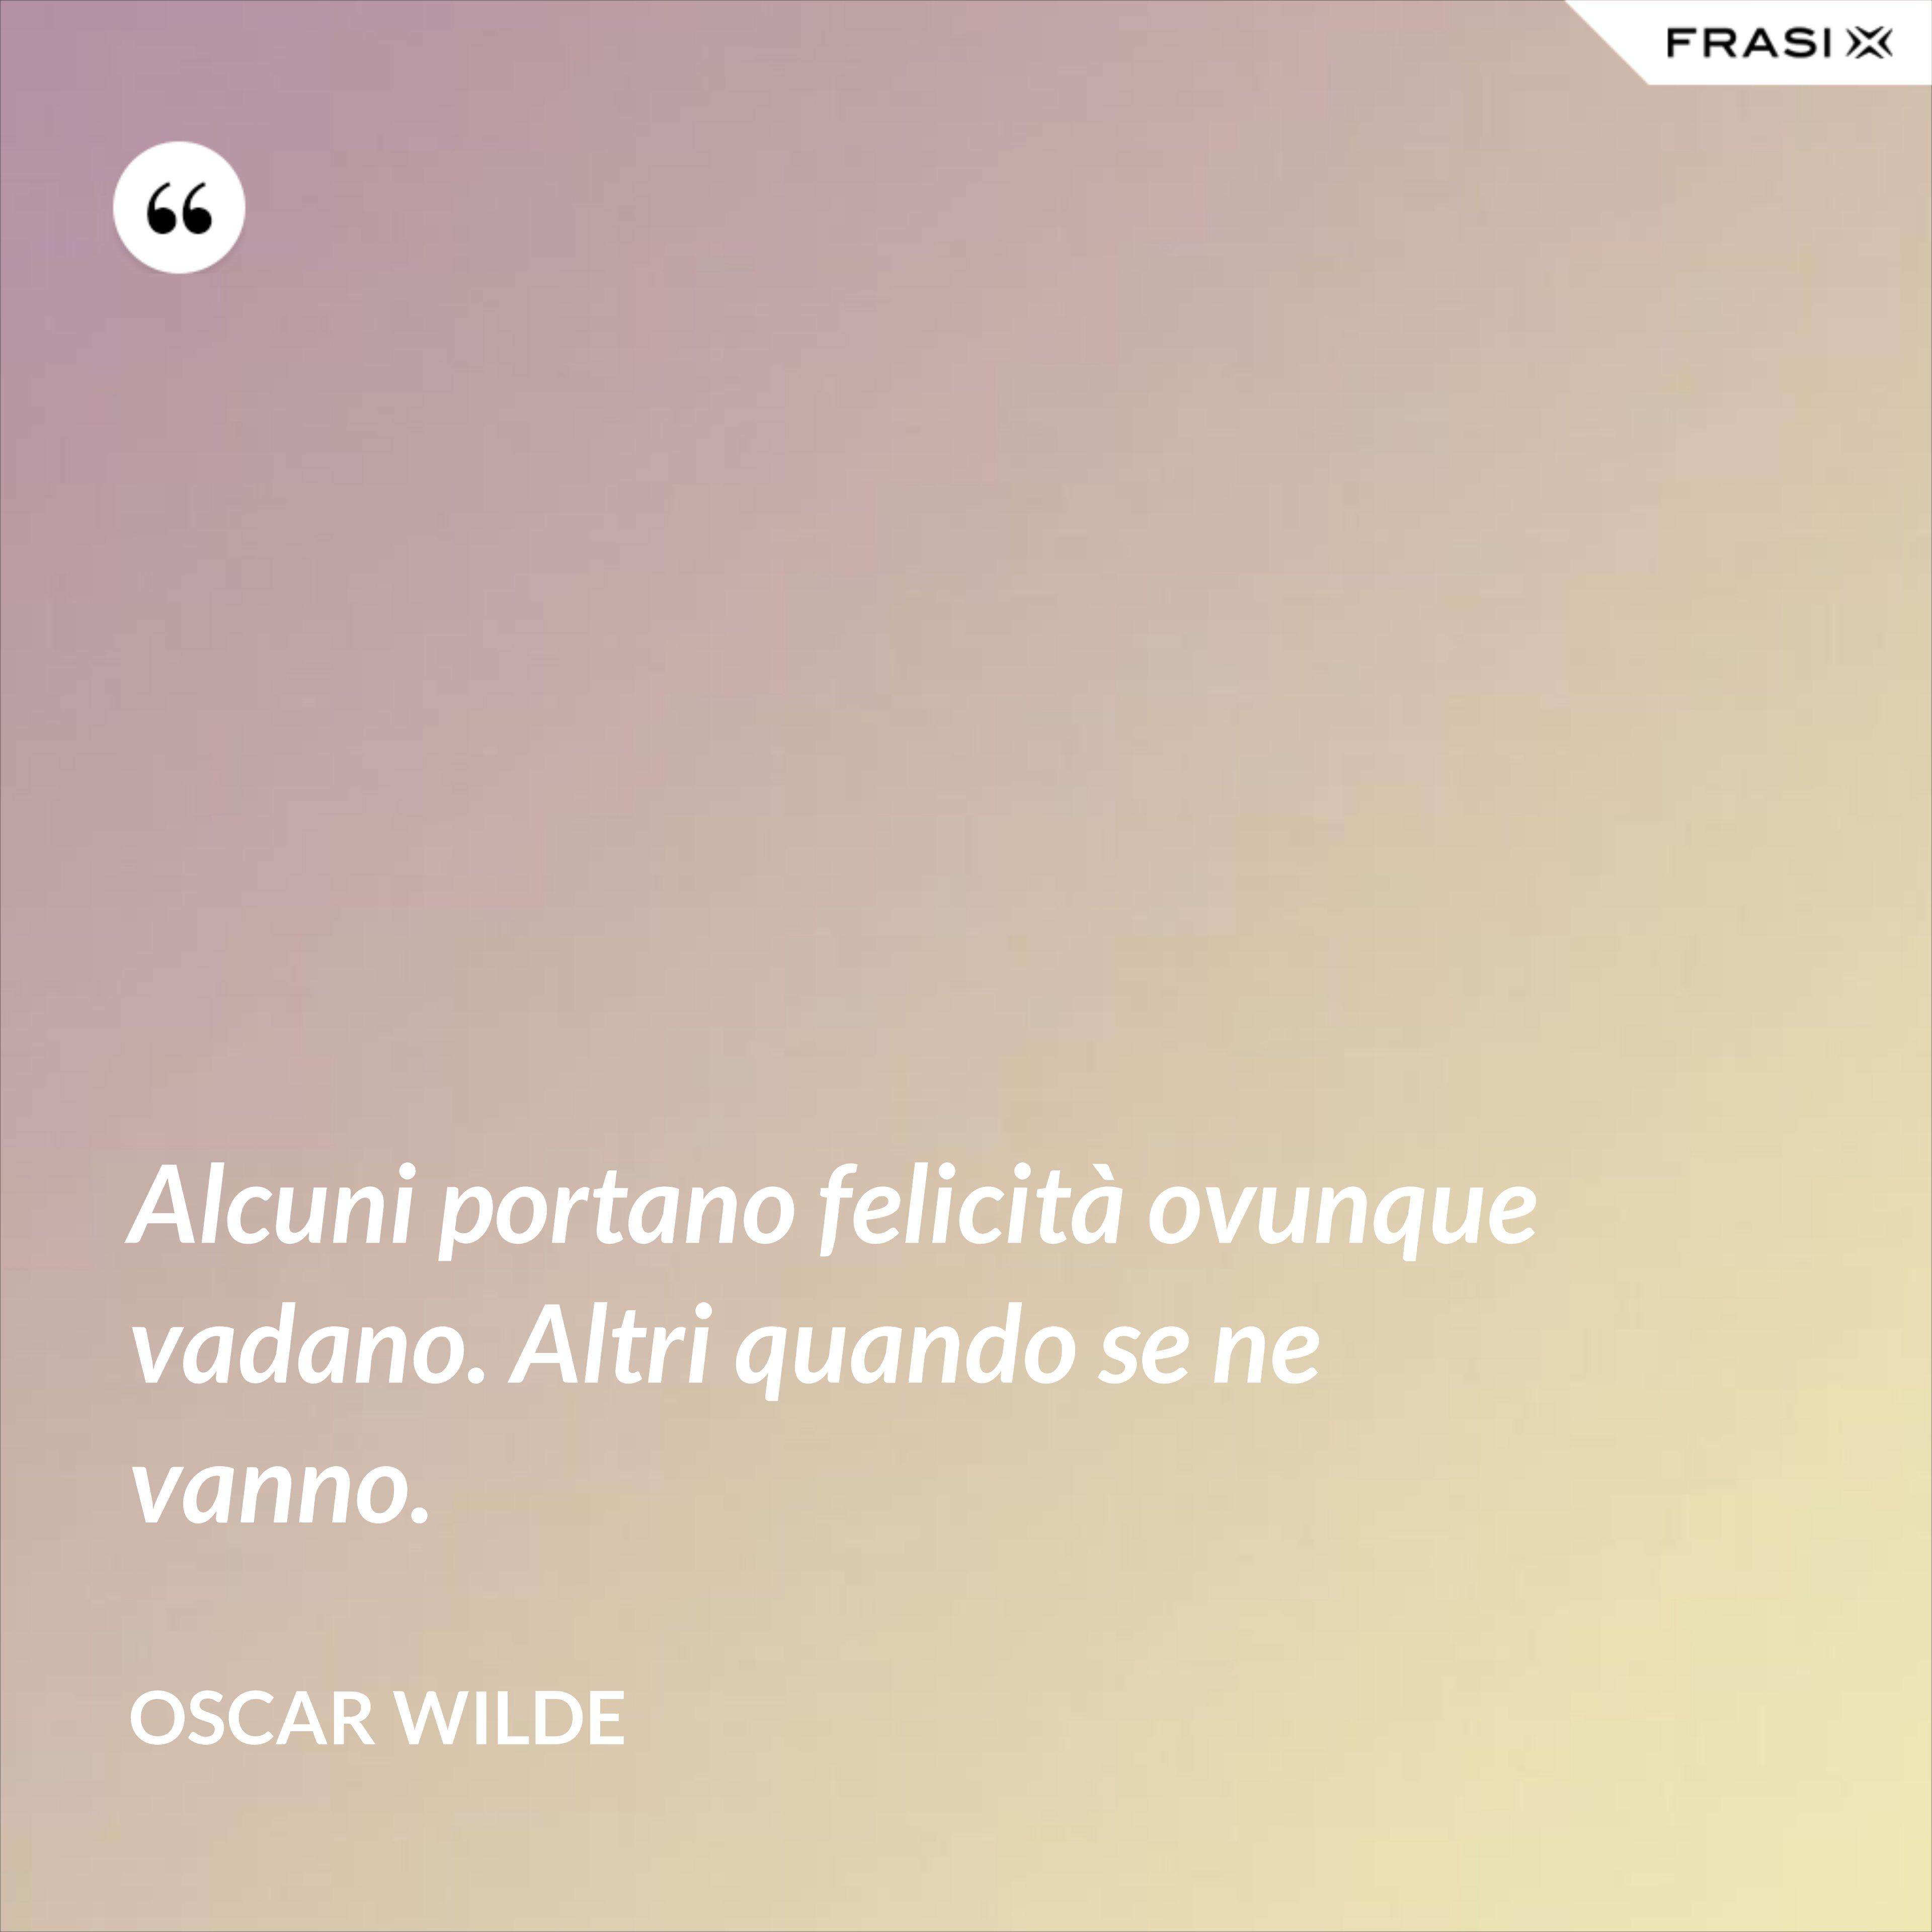 Alcuni portano felicità ovunque vadano. Altri quando se ne vanno. - Oscar Wilde